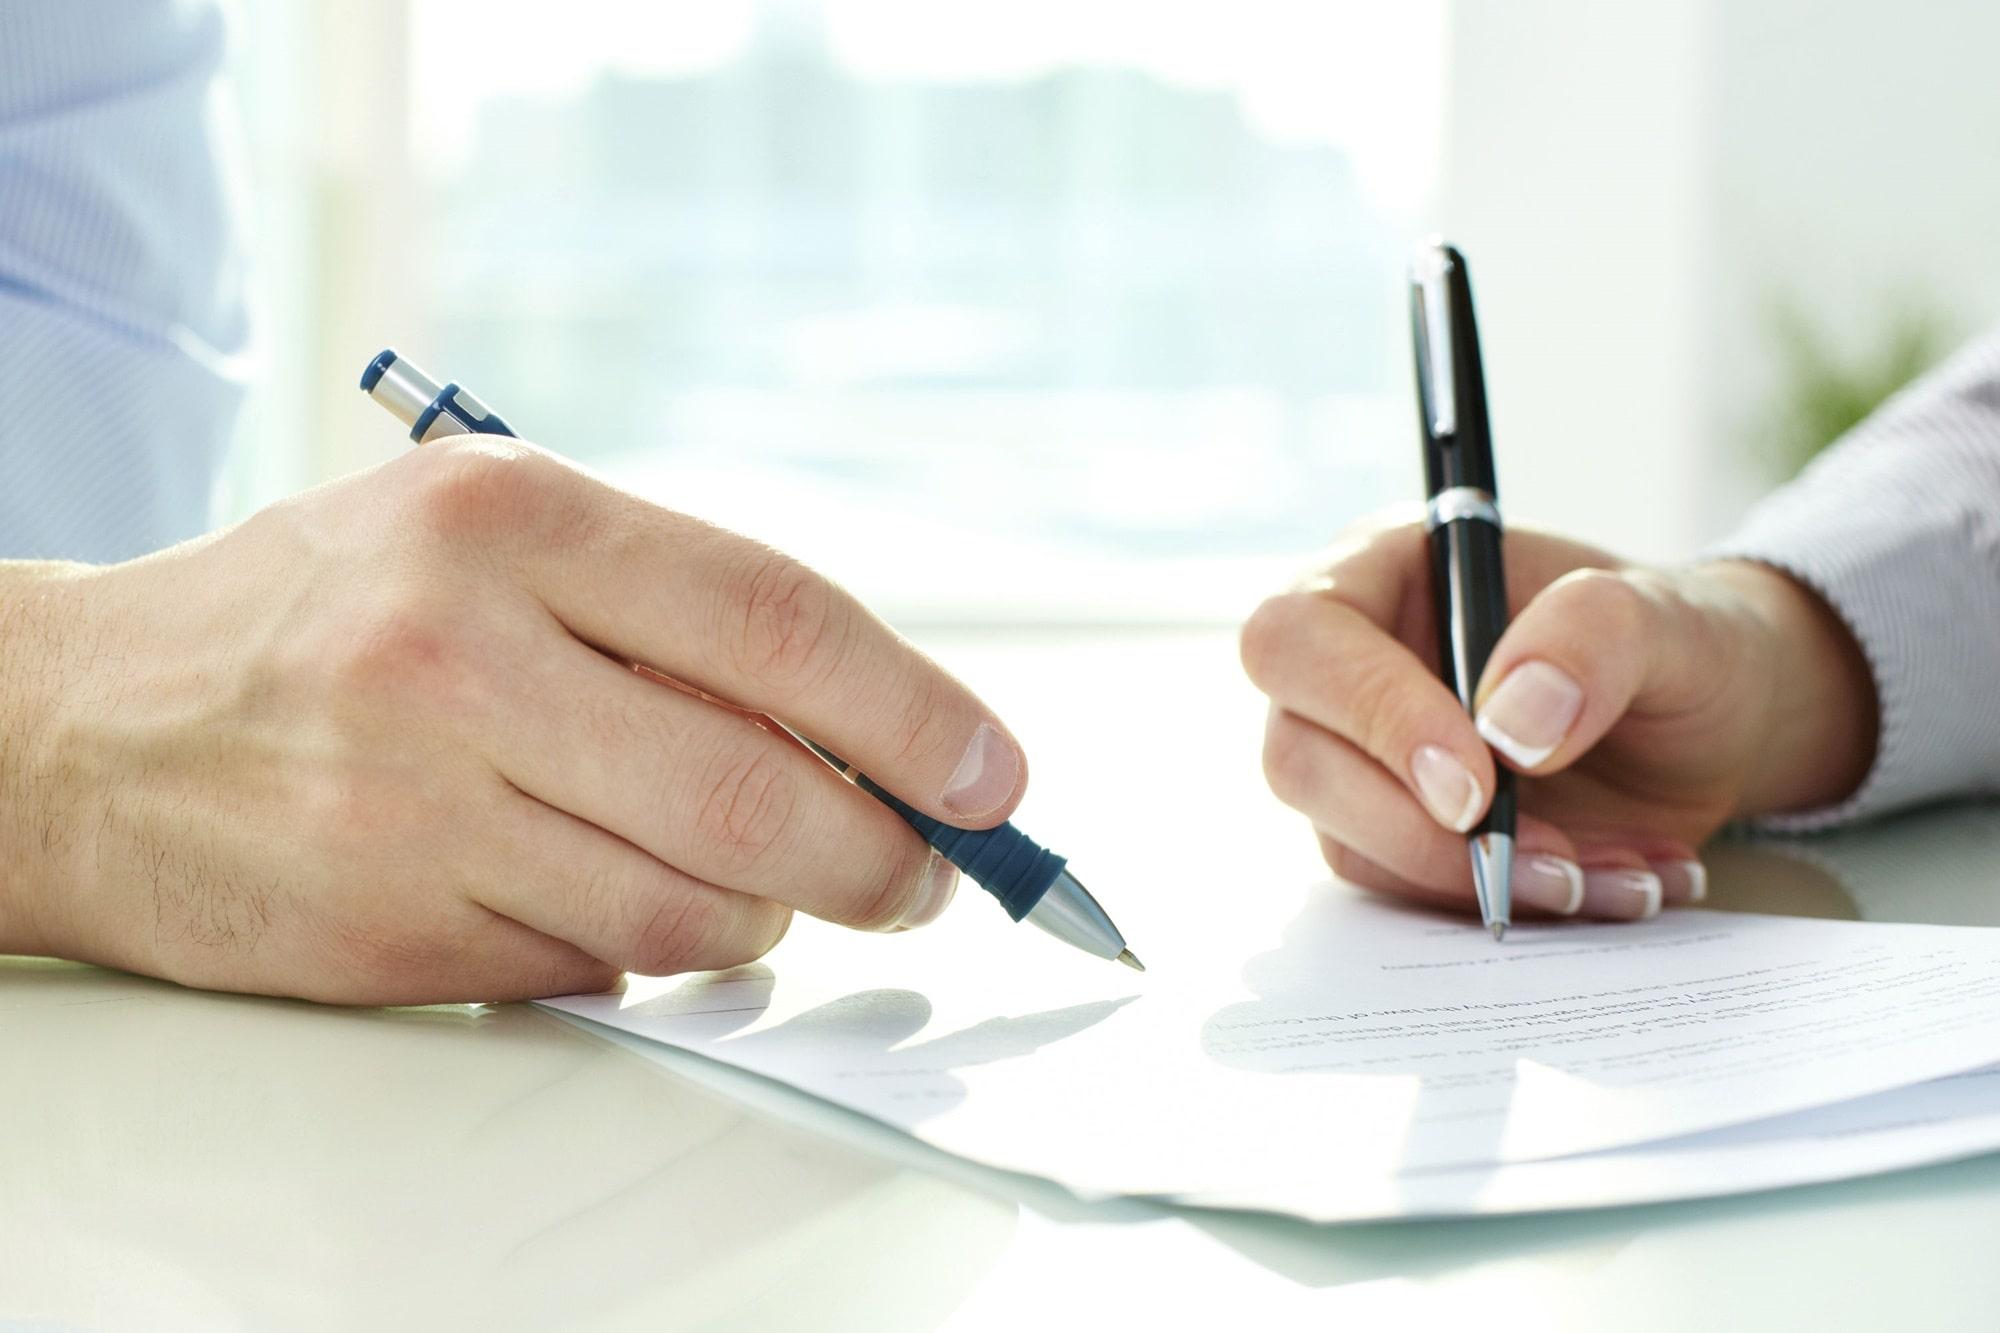 predaj vozidla, predaj auta, predaj ojazdeného auta, kúpno-predajná zmluva, podpísanie zmluvy